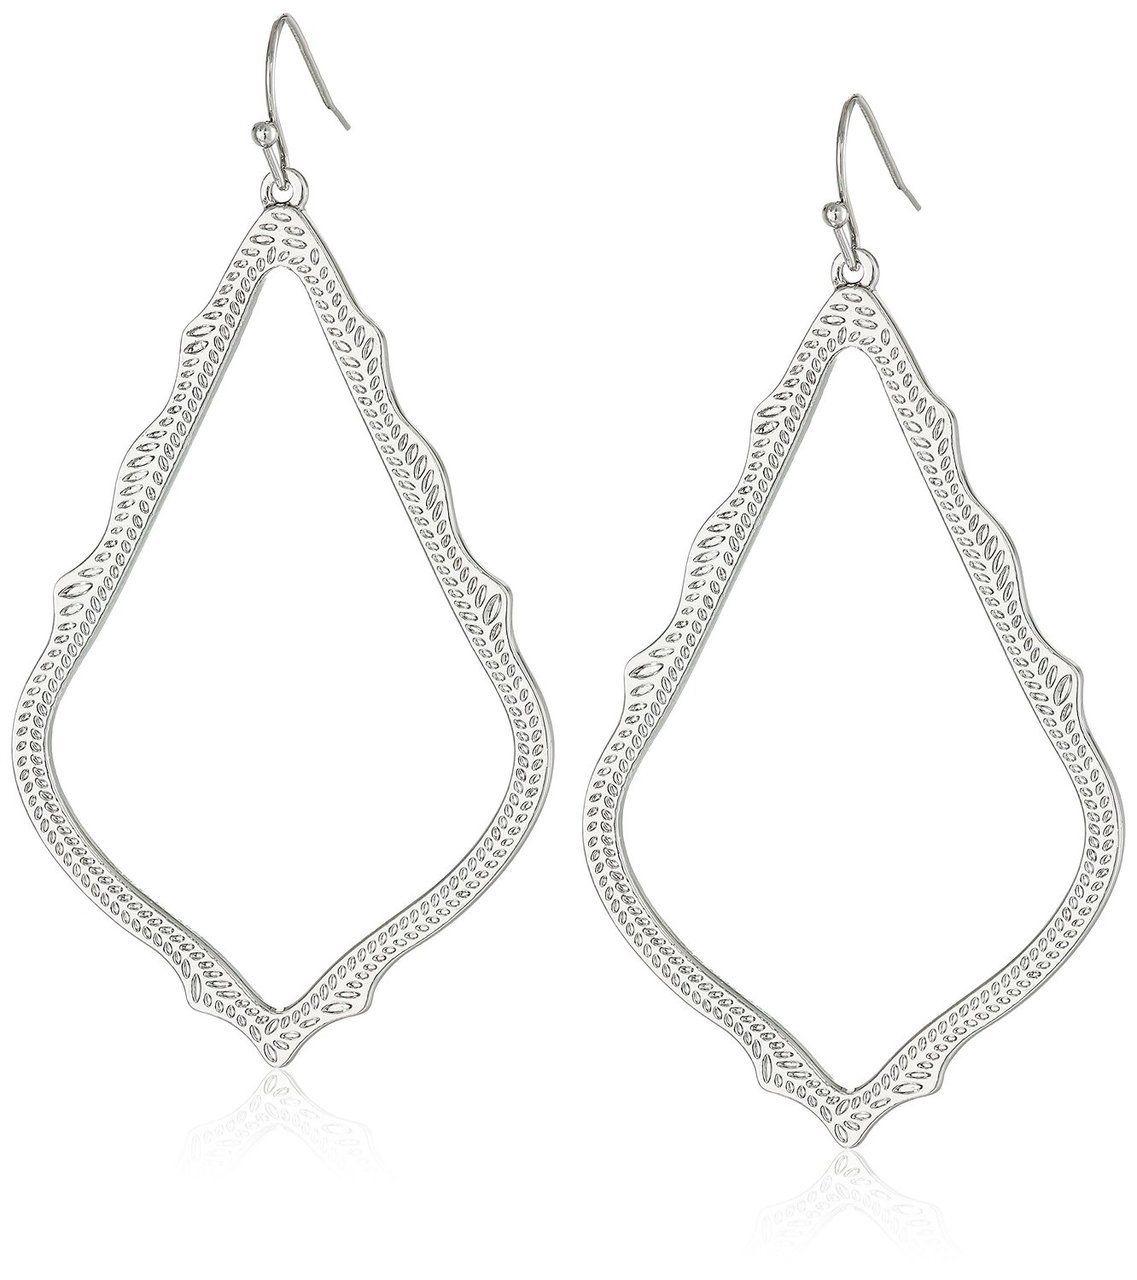 Kendra Scott Silver Sophee Drop Earring - Holly & Brooks #shophollyandbrooks #kendrascott #simplejewelry